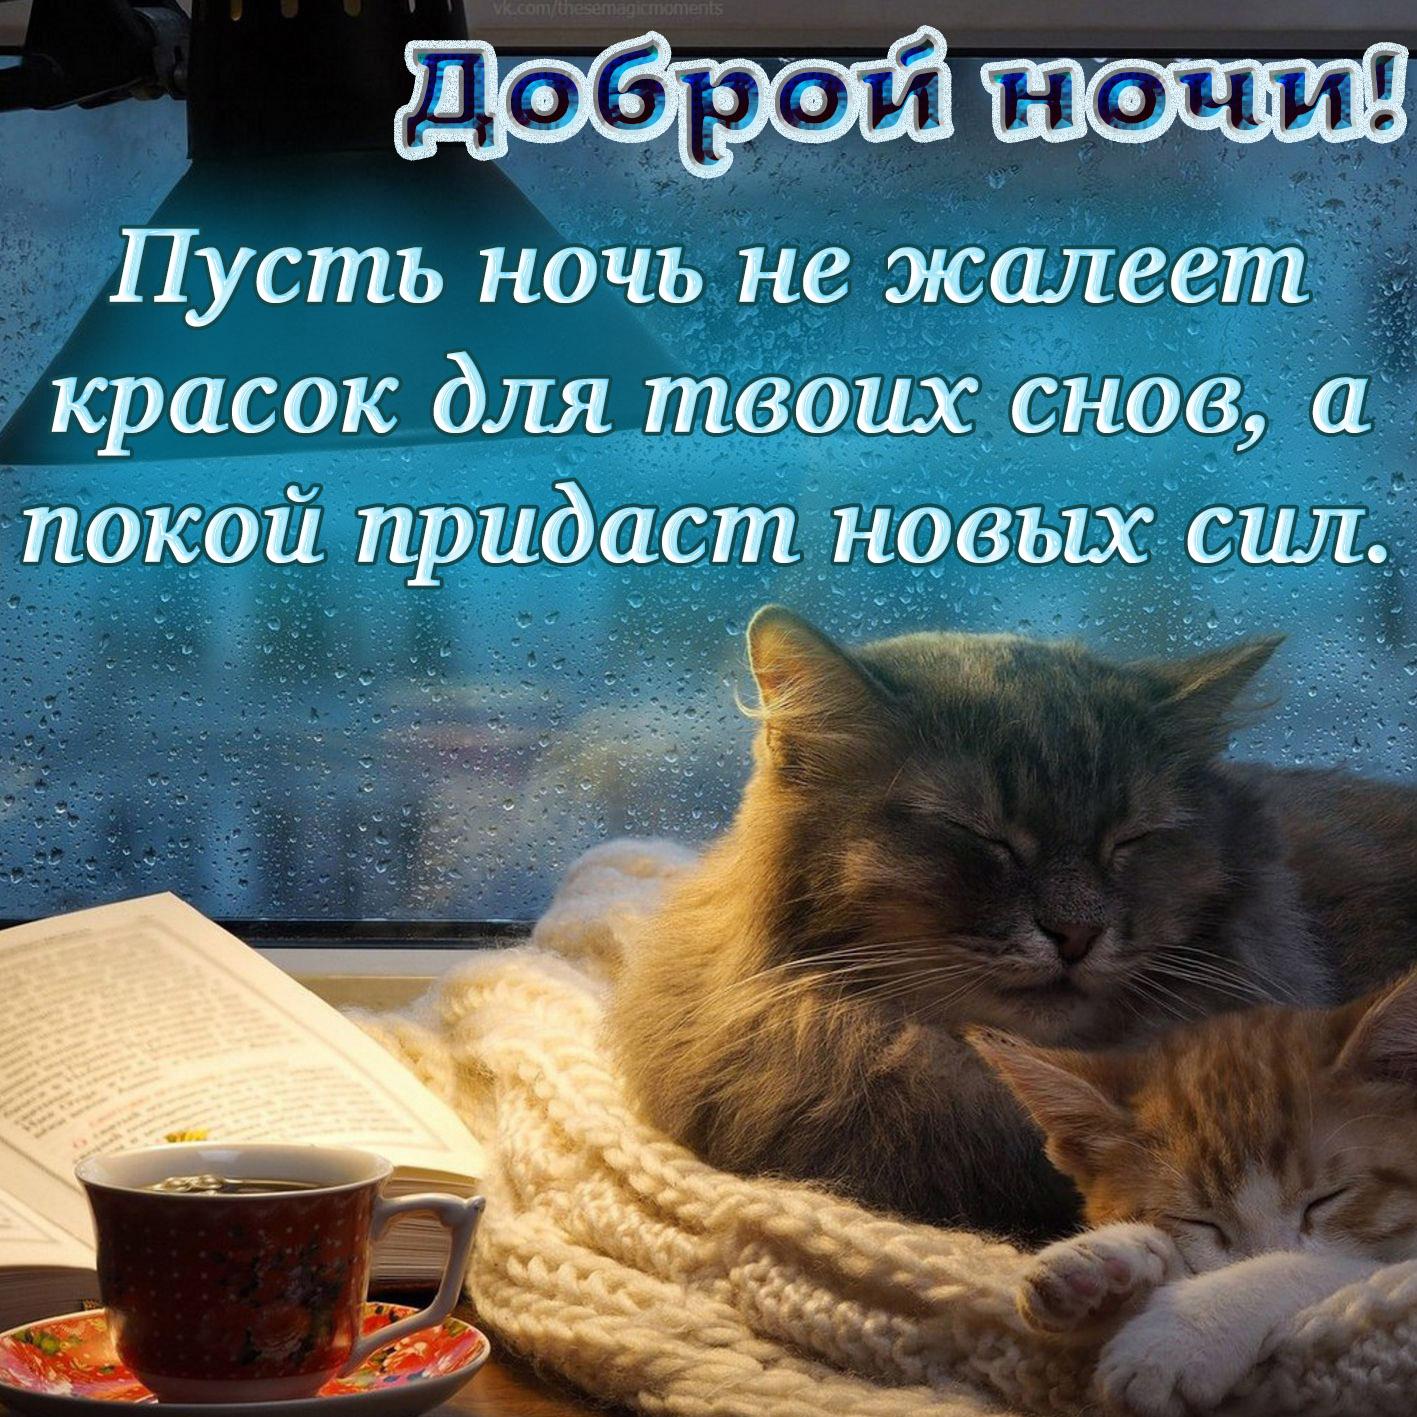 Открытка спокойной ночи - котики спящие у окна в каплях дождя